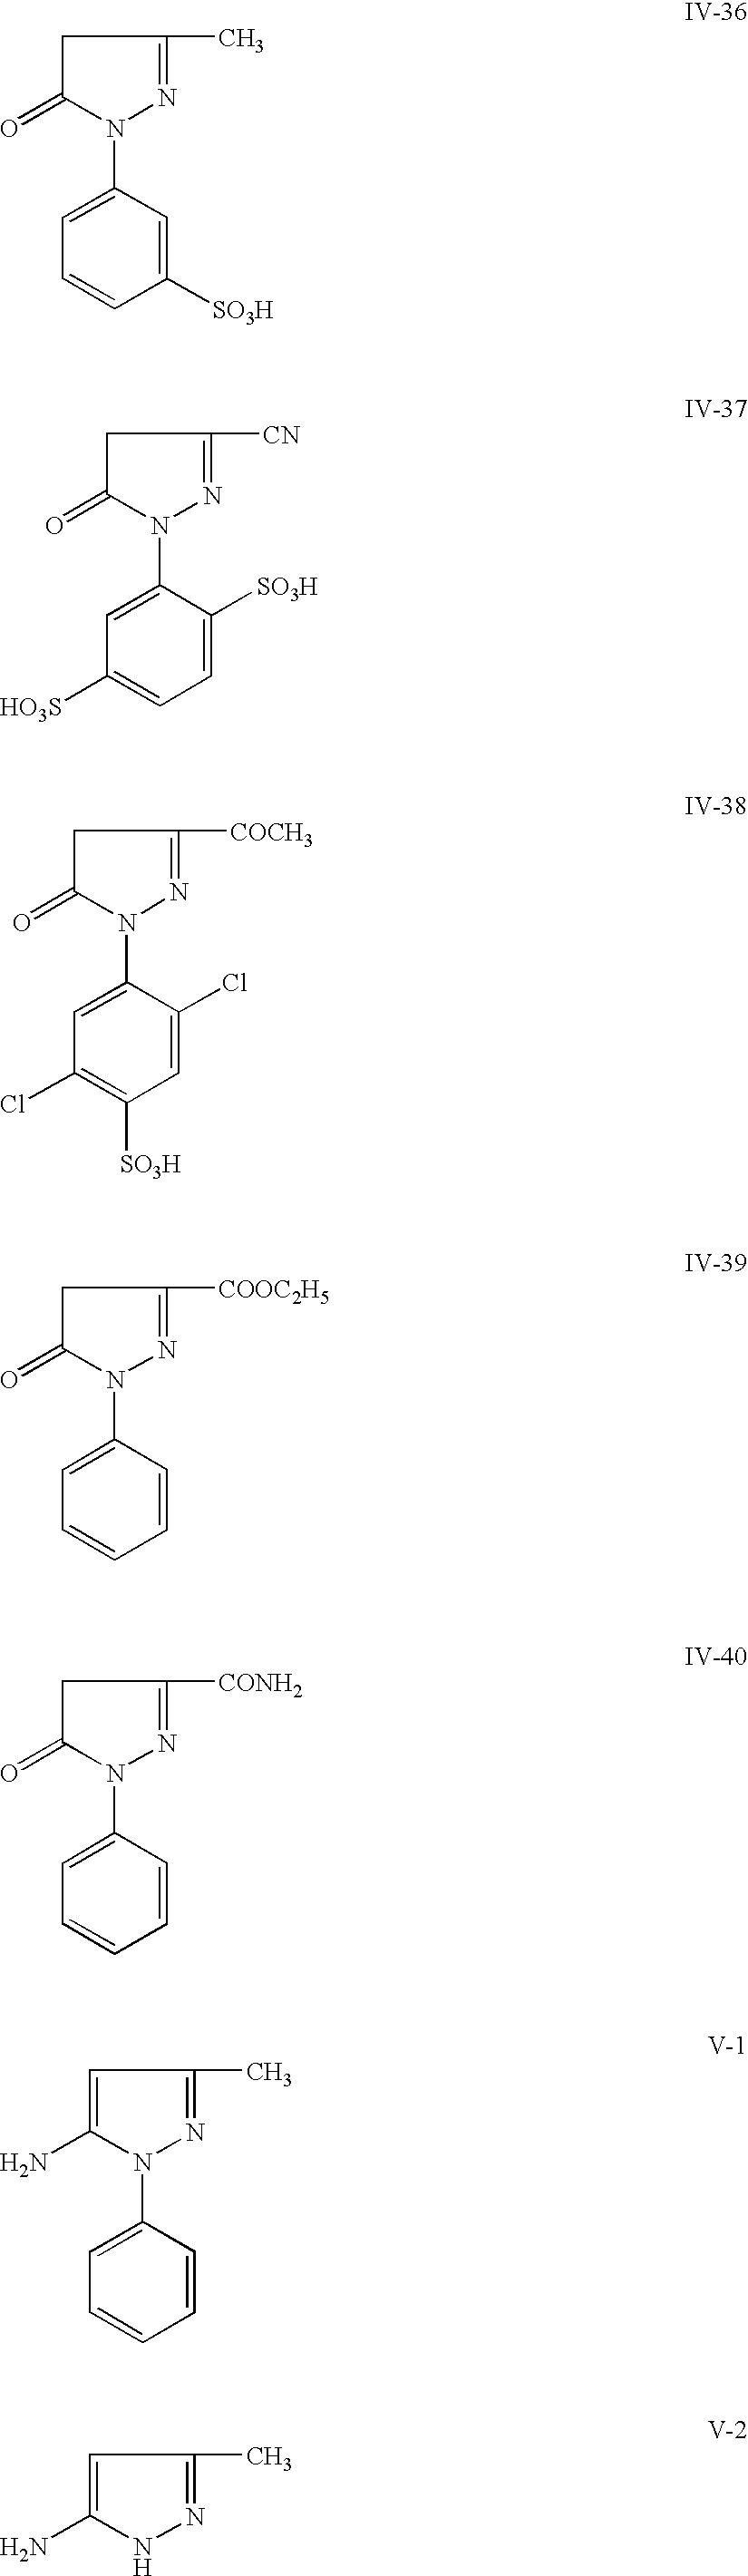 Figure US06495225-20021217-C00012